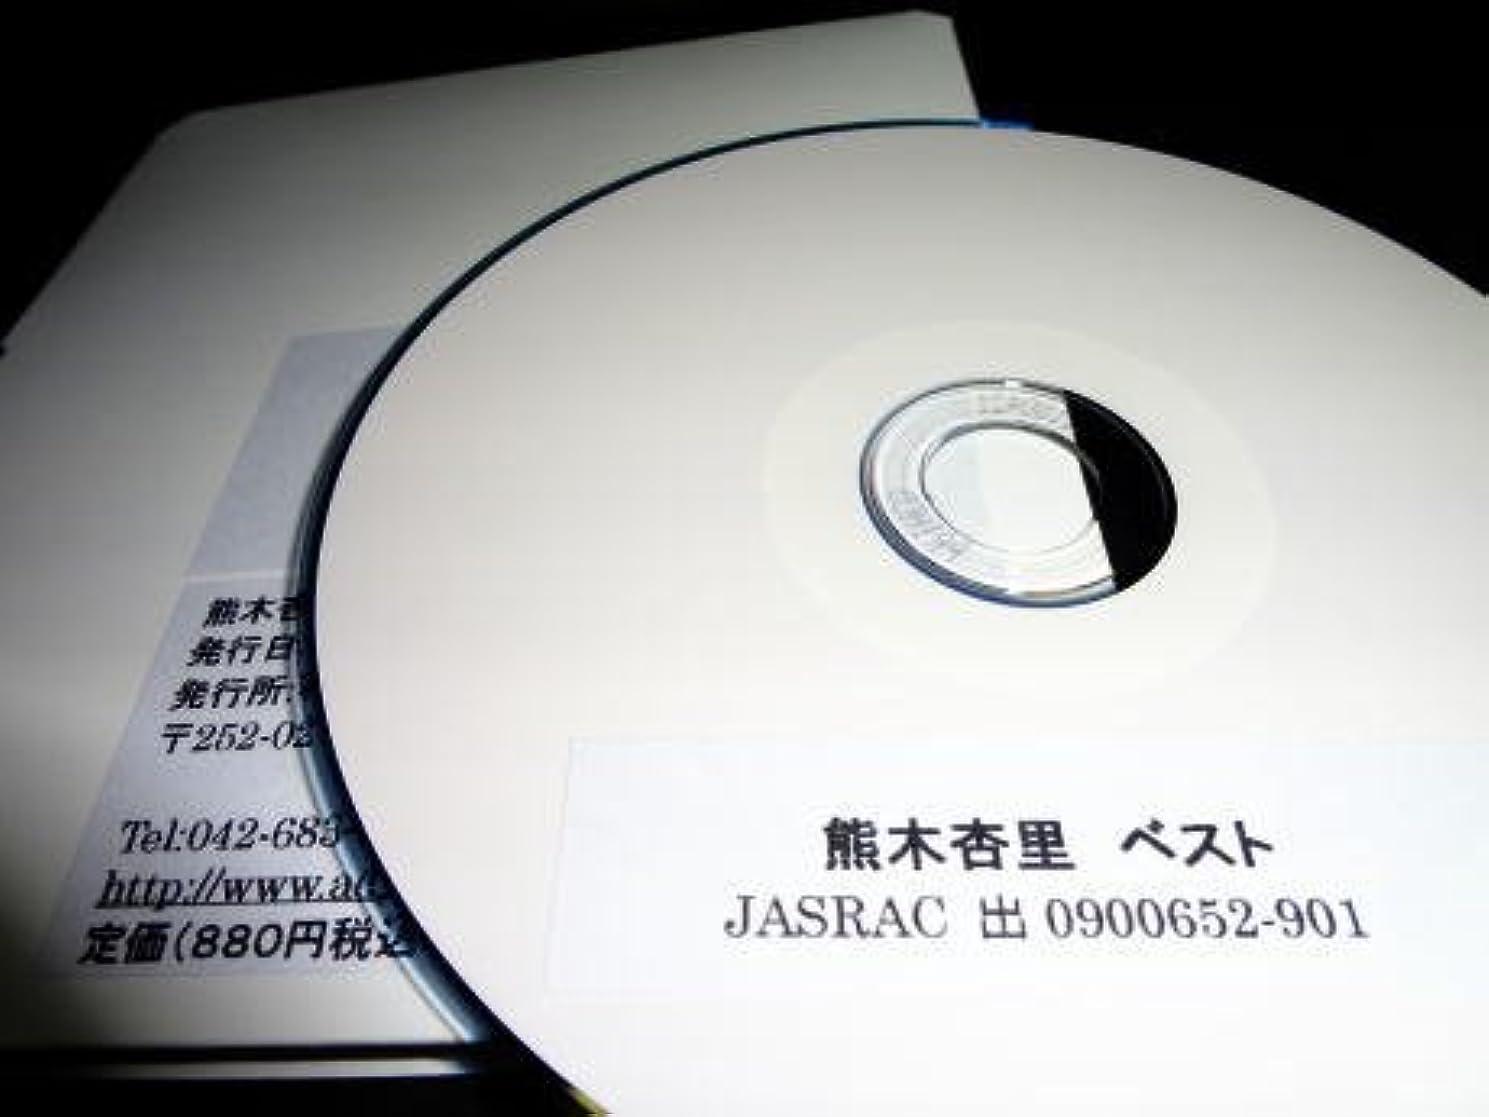 ギターコード譜シリーズ(CD-R版)/熊木杏里 ベスト(全61曲収録)